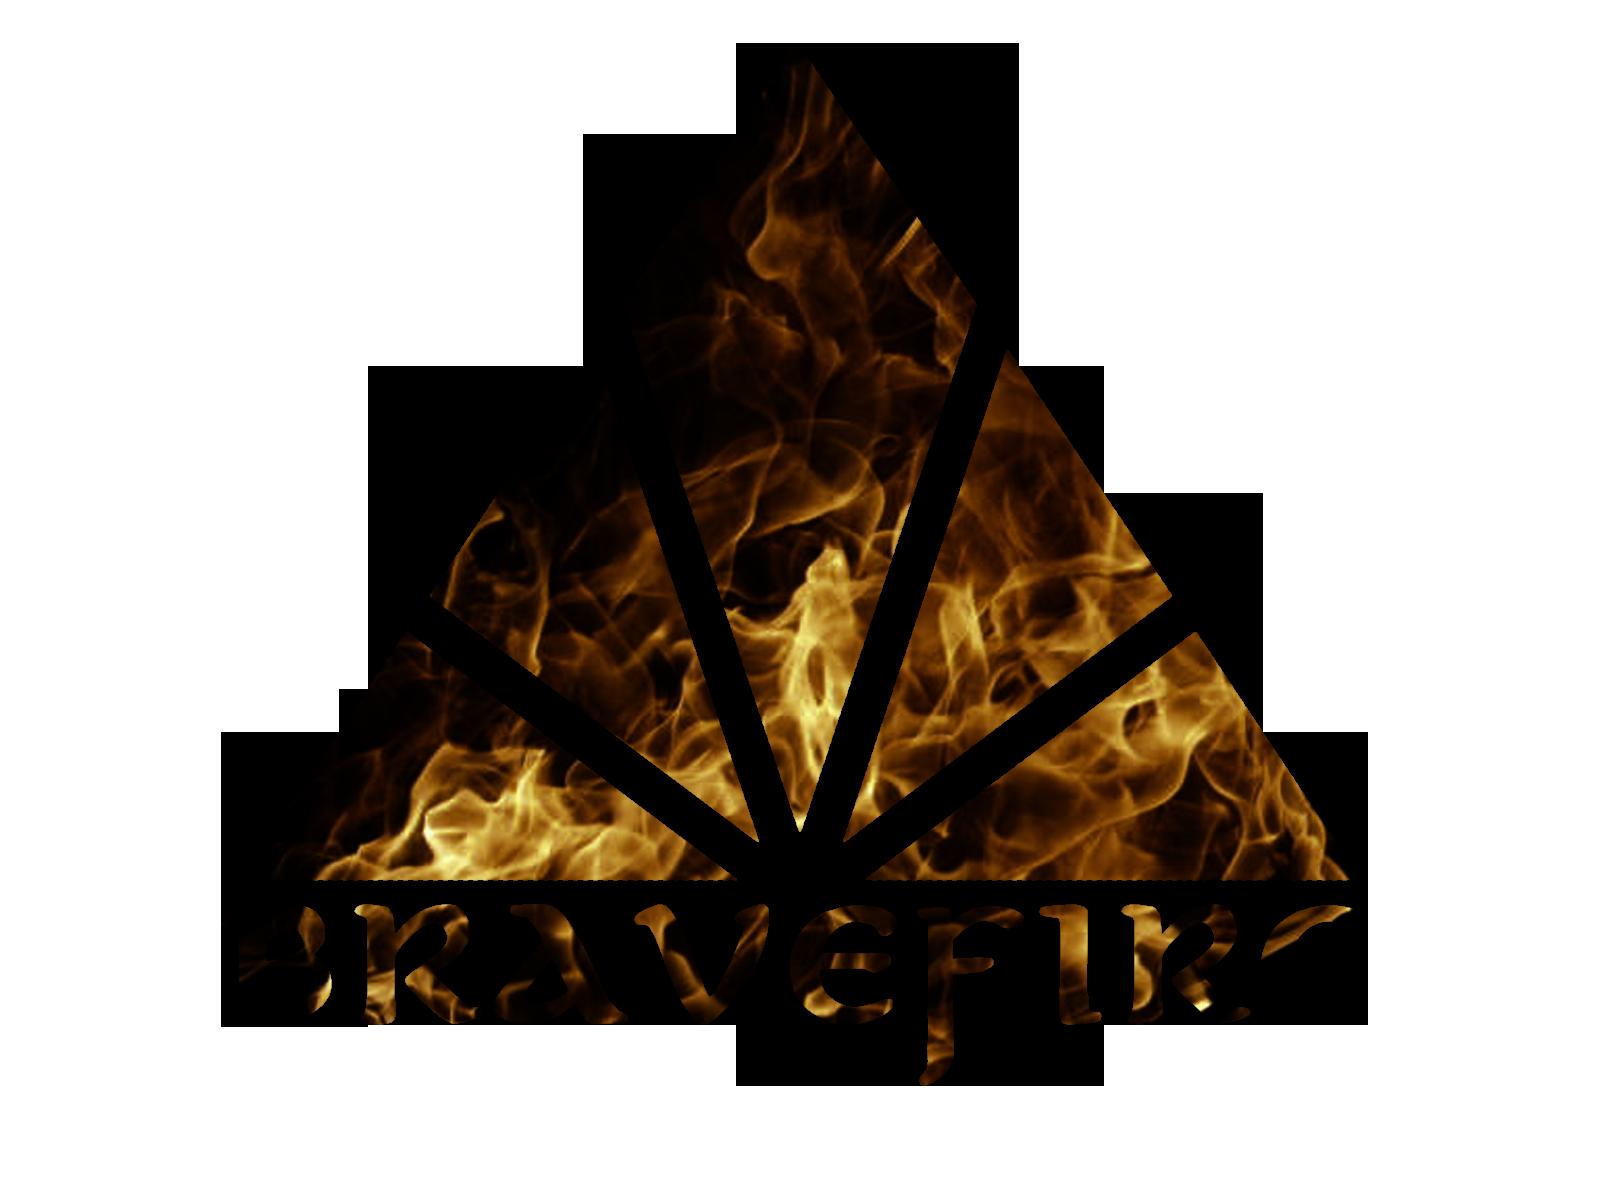 Bravefire by maya-v on deviantART